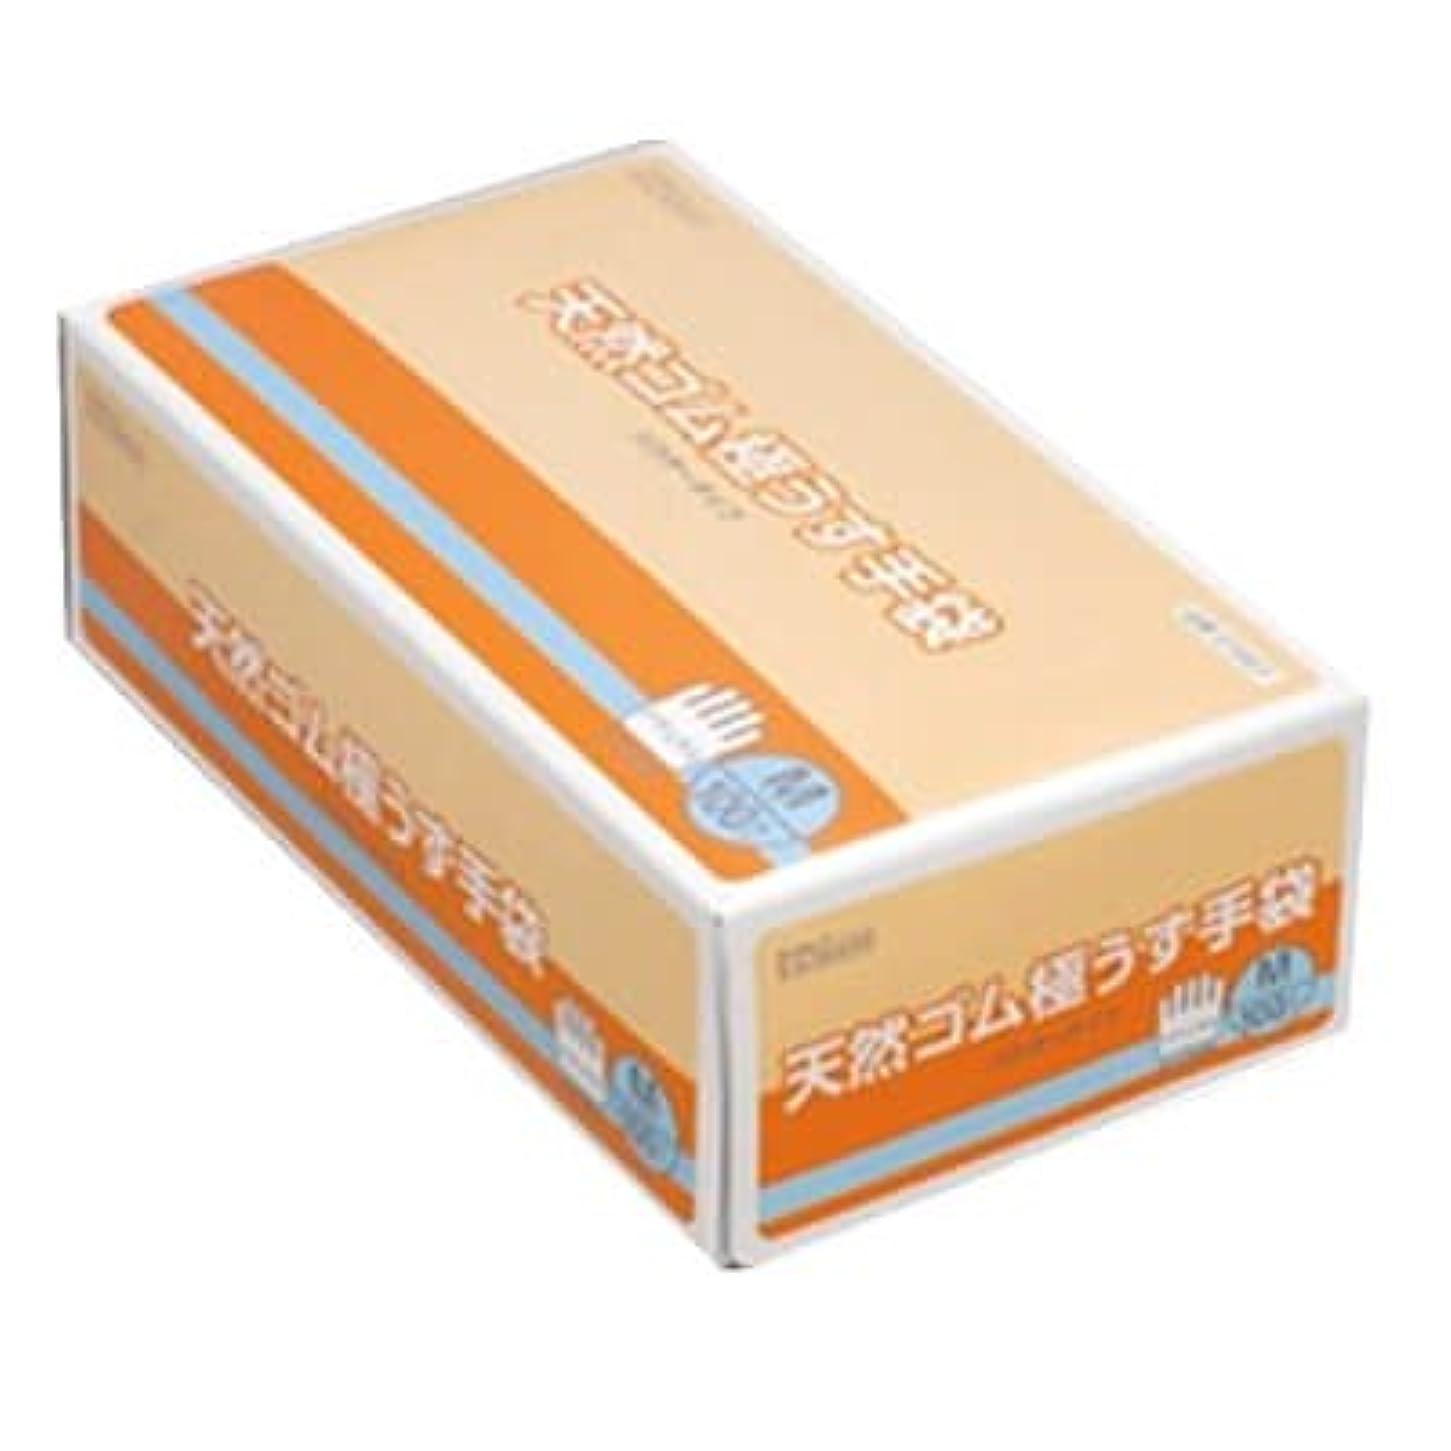 ボール引っ張るみなさん【ケース販売】 ダンロップ 天然ゴム極うす手袋 M ナチュラル (100枚入×20箱)